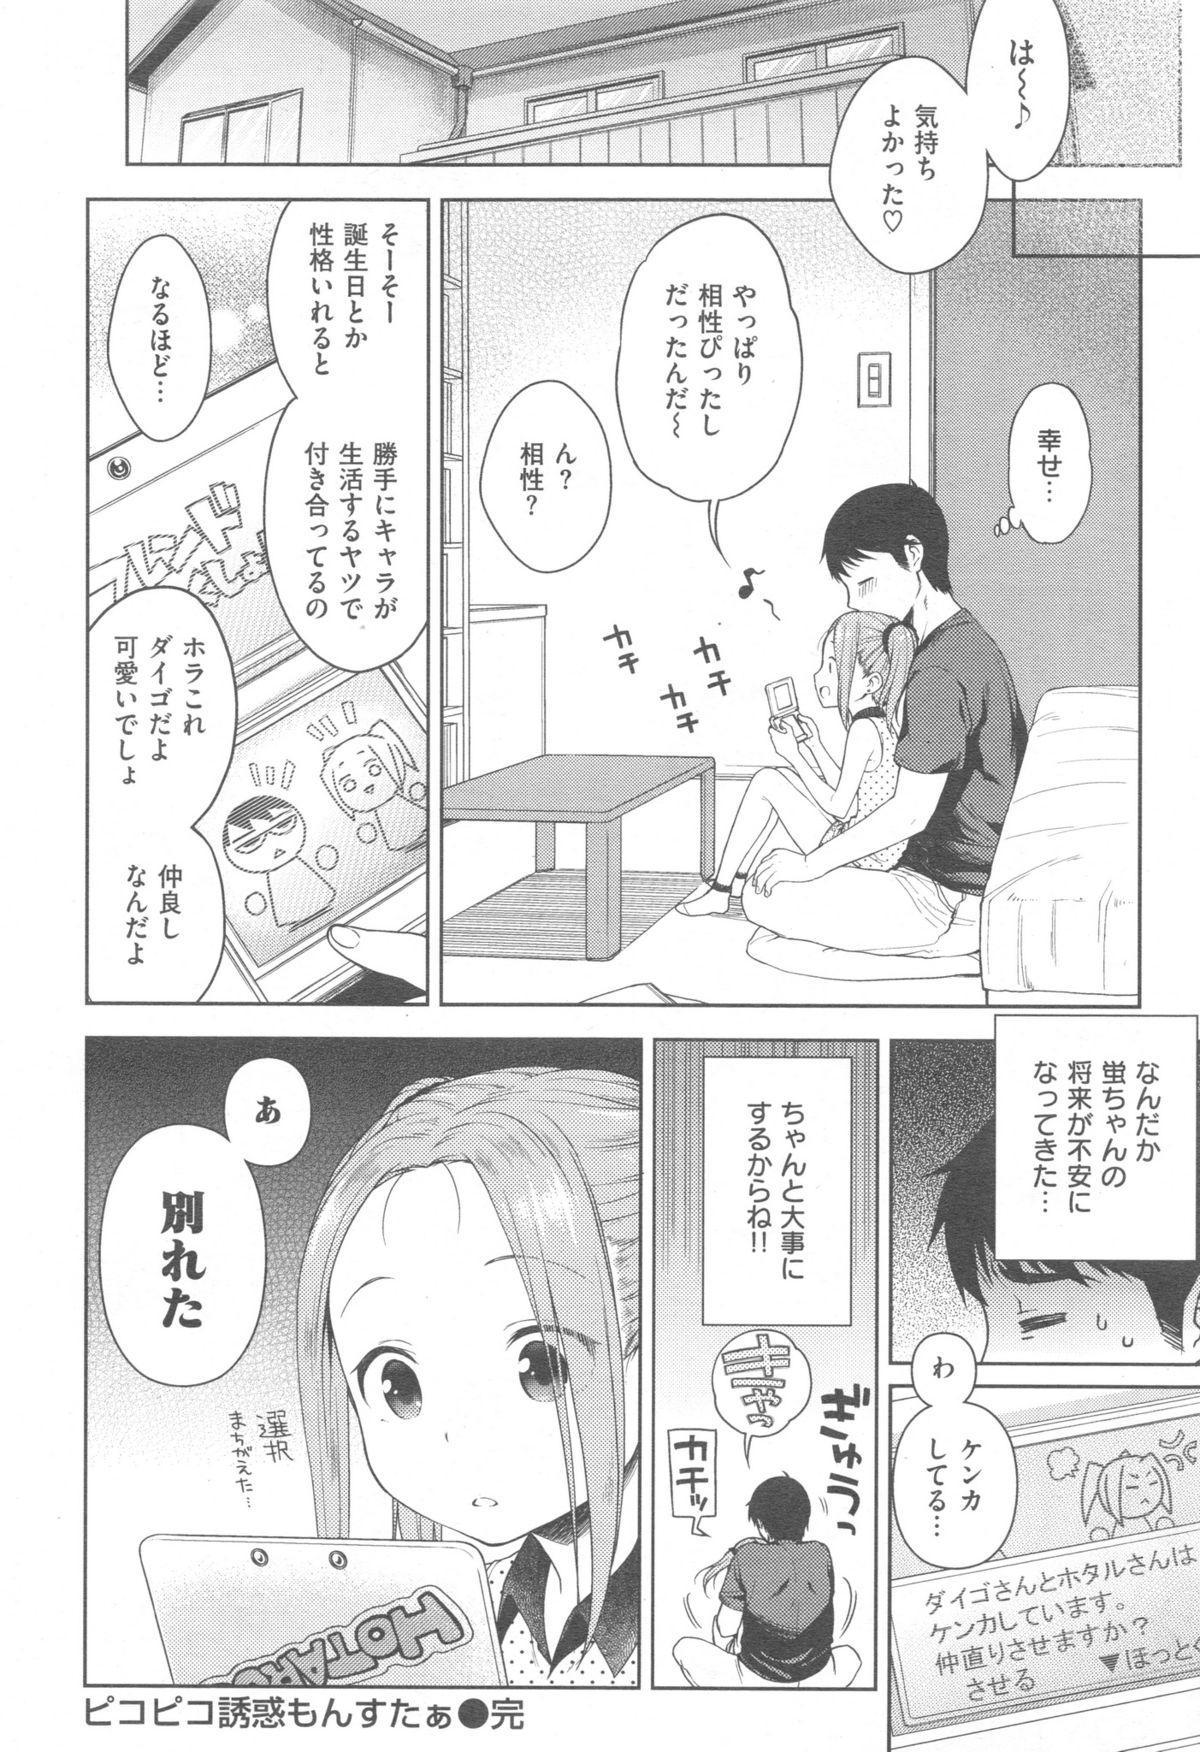 COMIC Kairakuten XTC Vol. 5 143